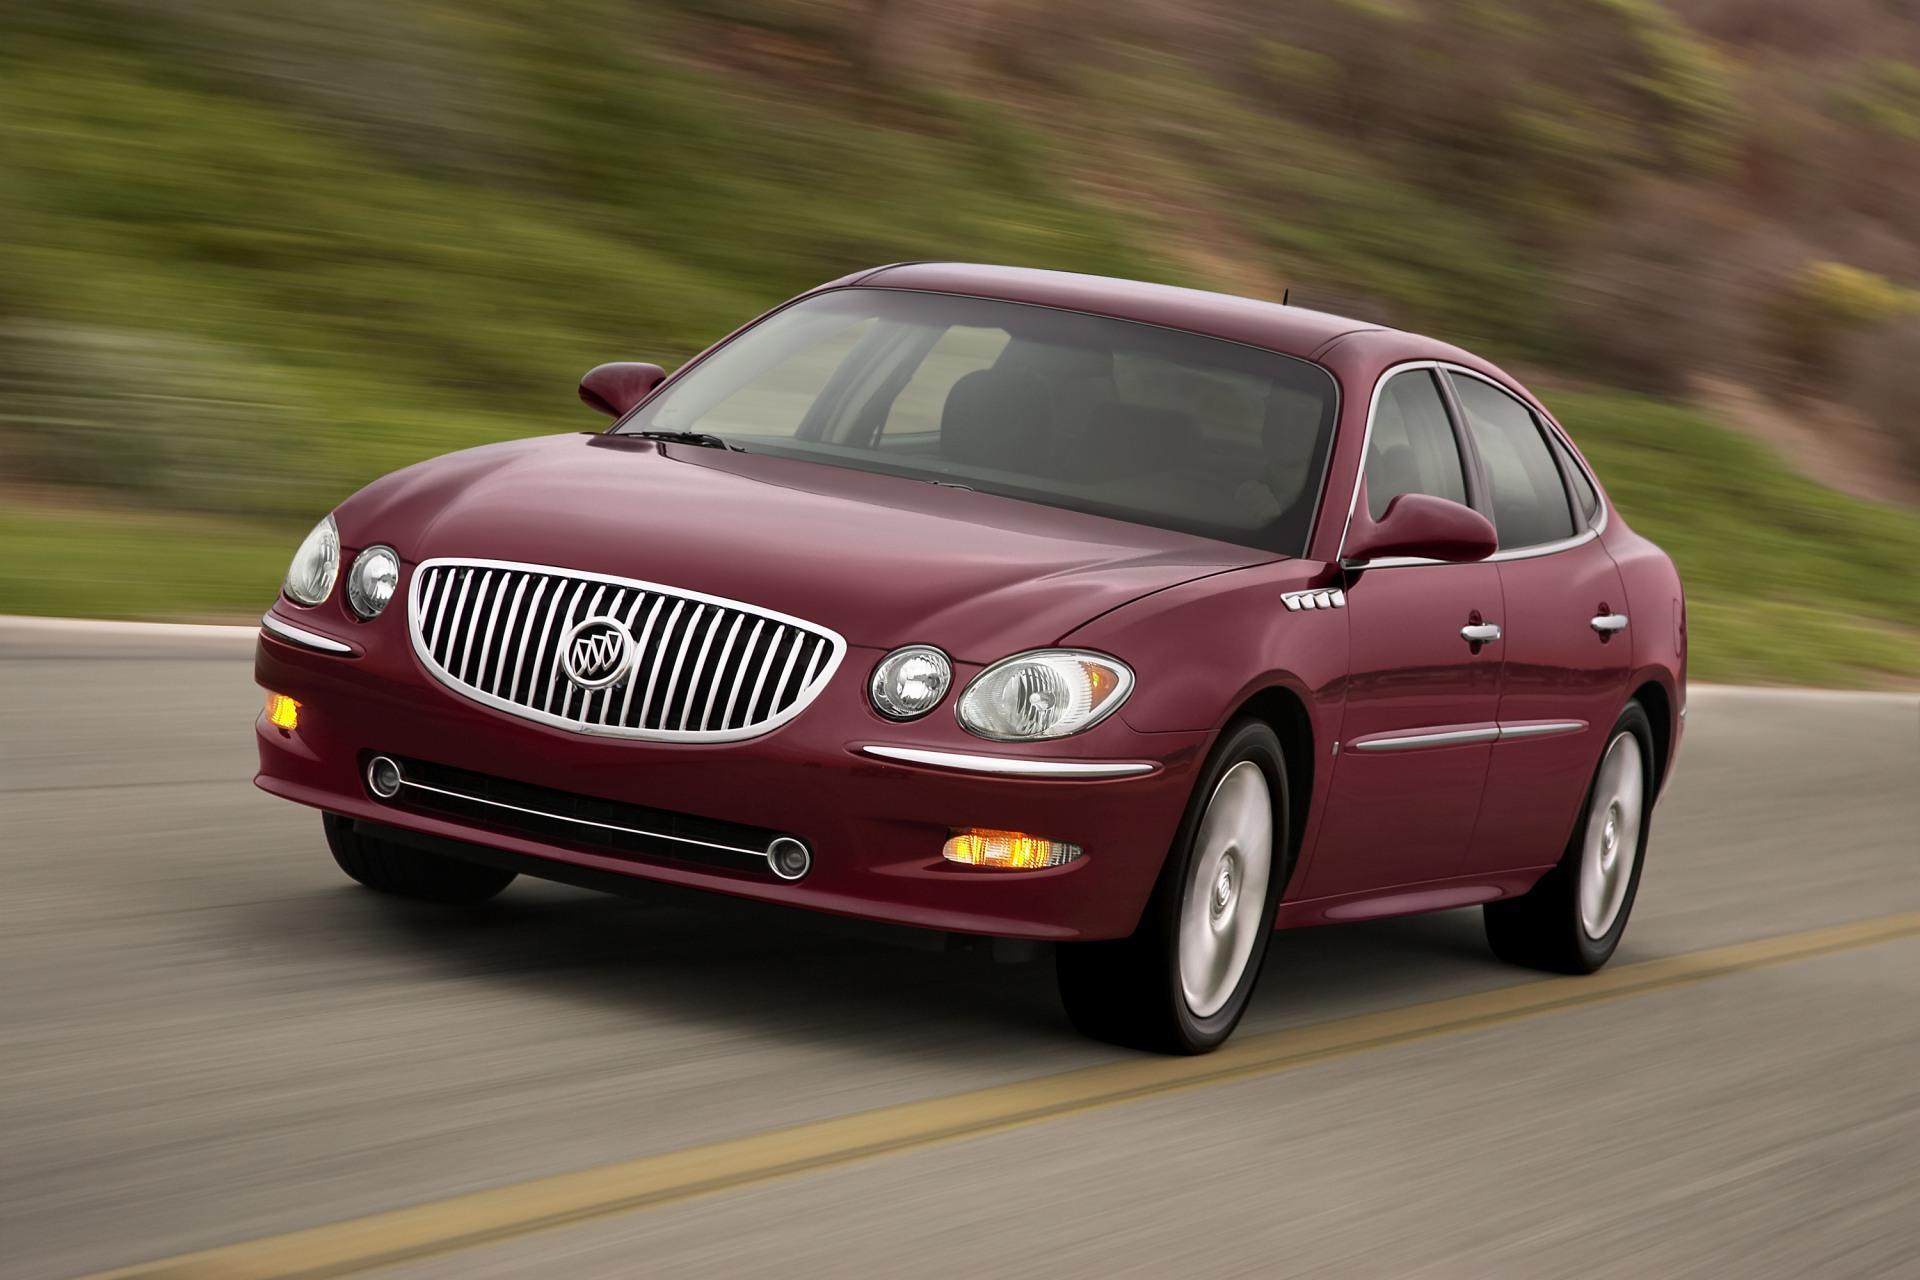 2009 Buick Lucerne Cxl >> 2009 Buick LaCrosse - conceptcarz.com